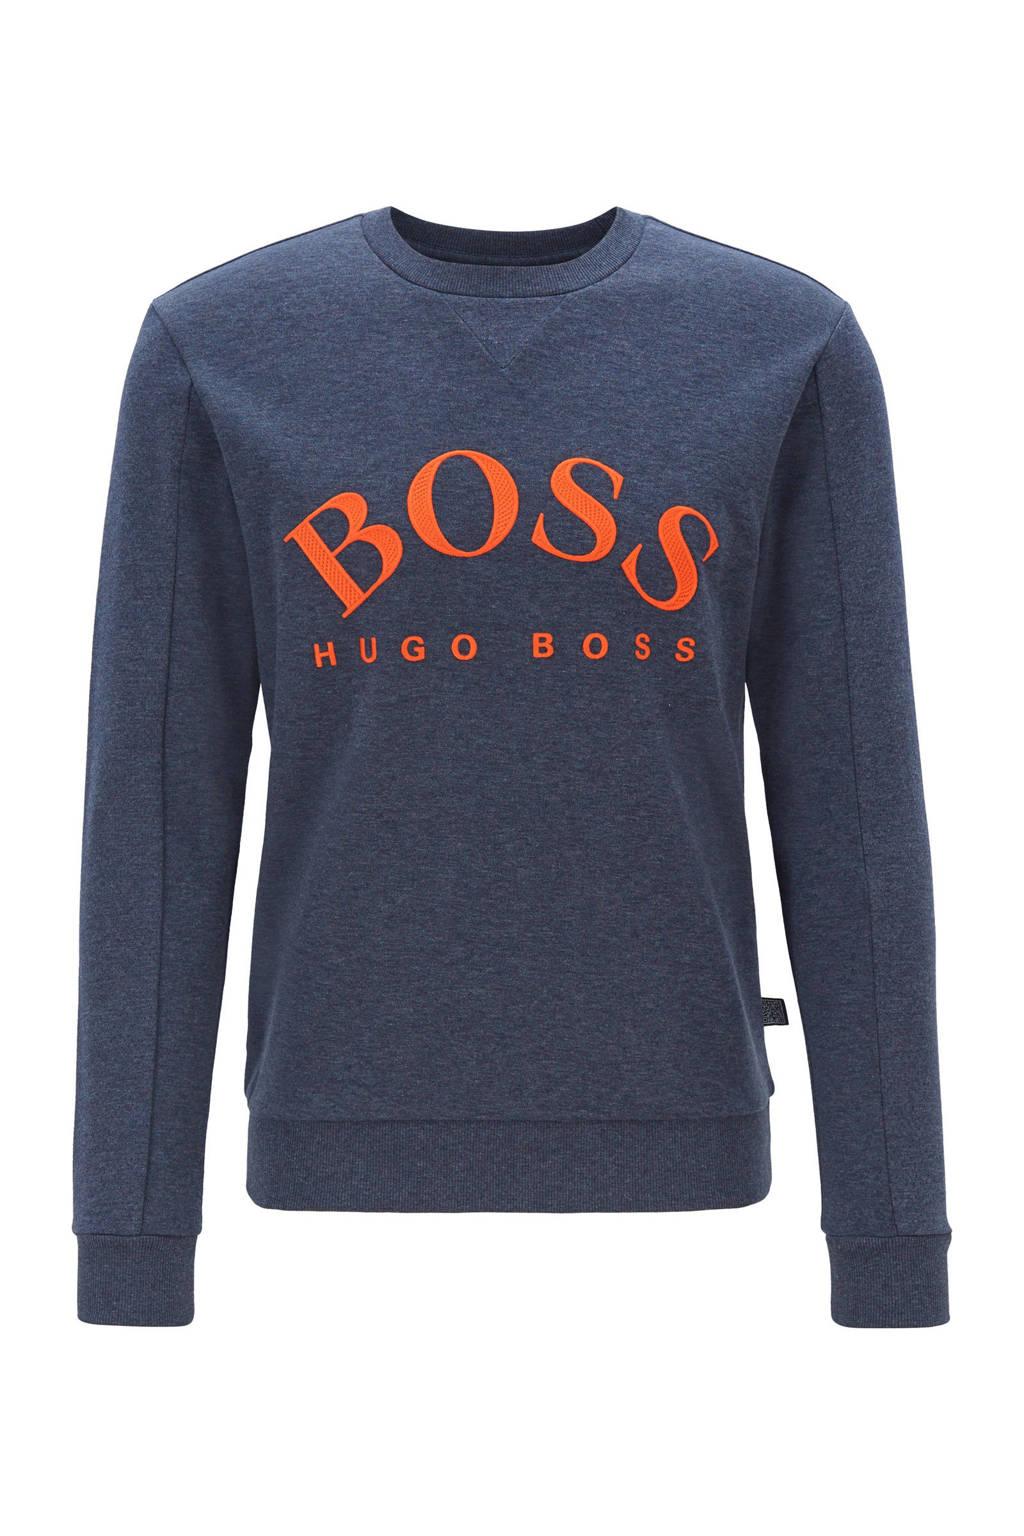 Boss Casual sweater met logo print blauw, Bauw/oranje